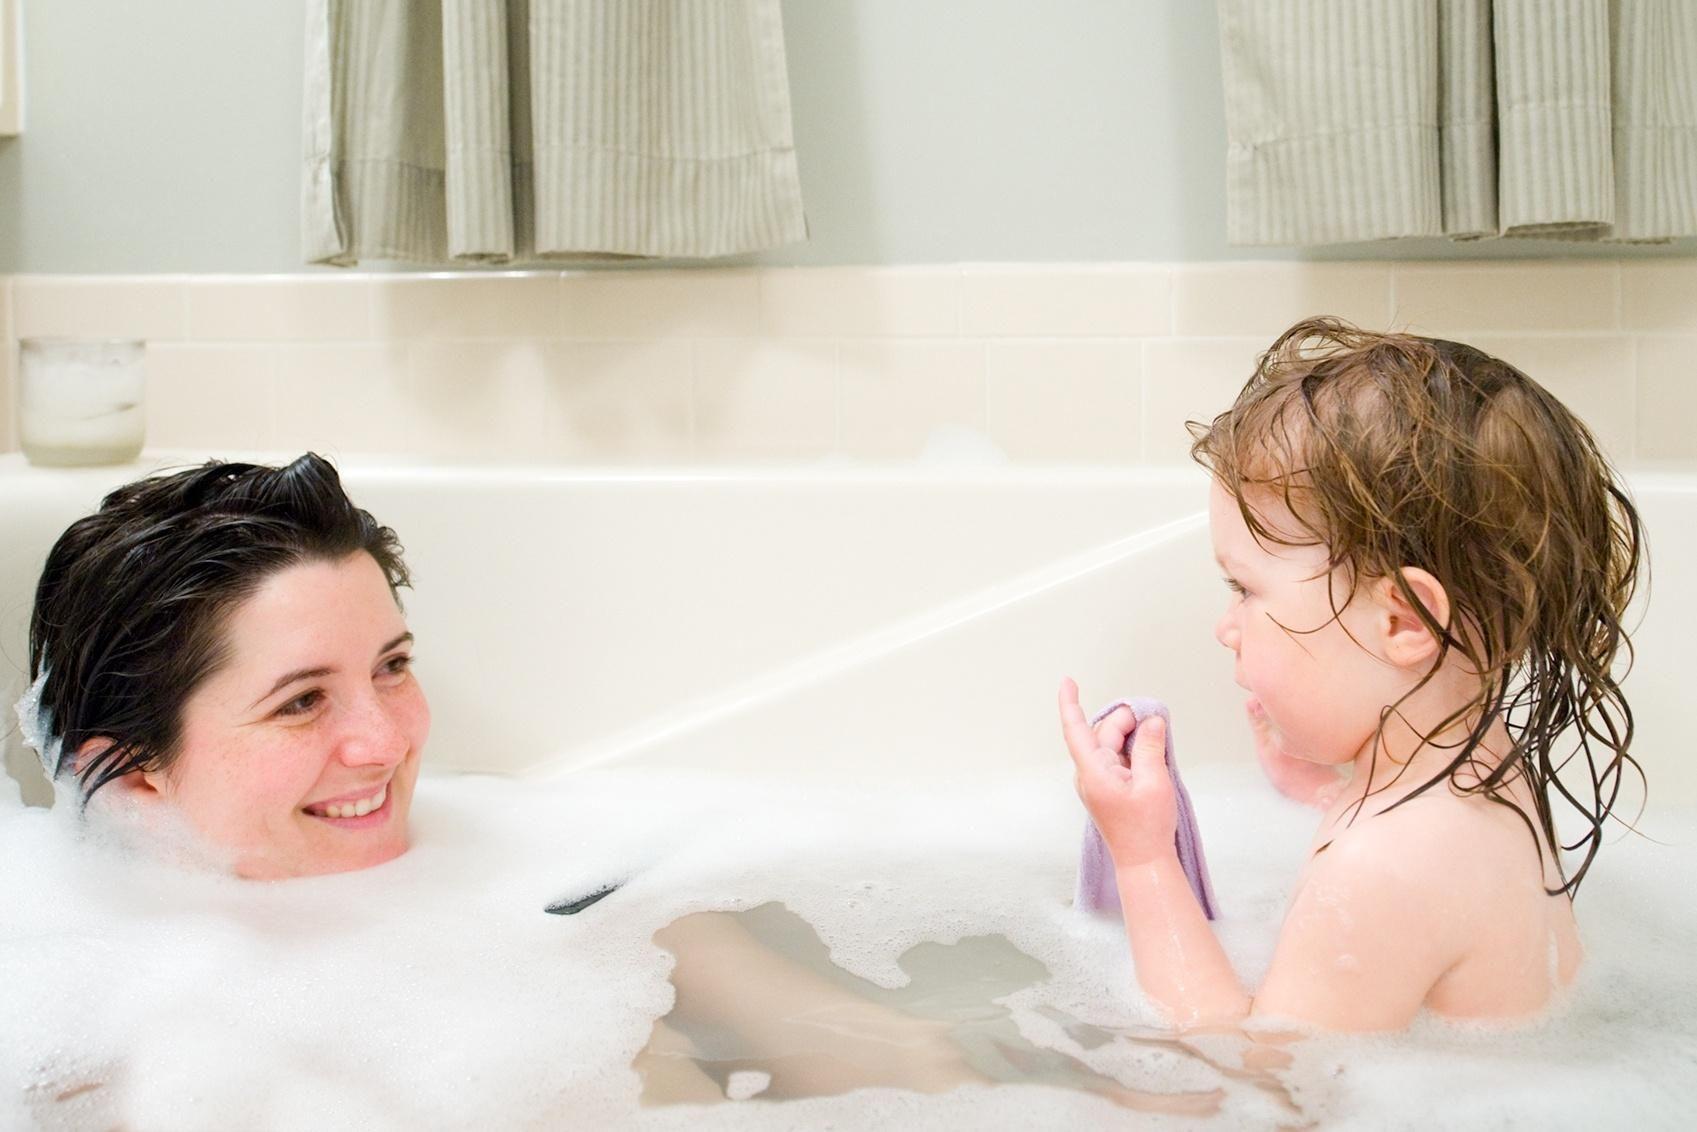 Tomar banho junto com os filhos: é algo indicado a se fazer? 9